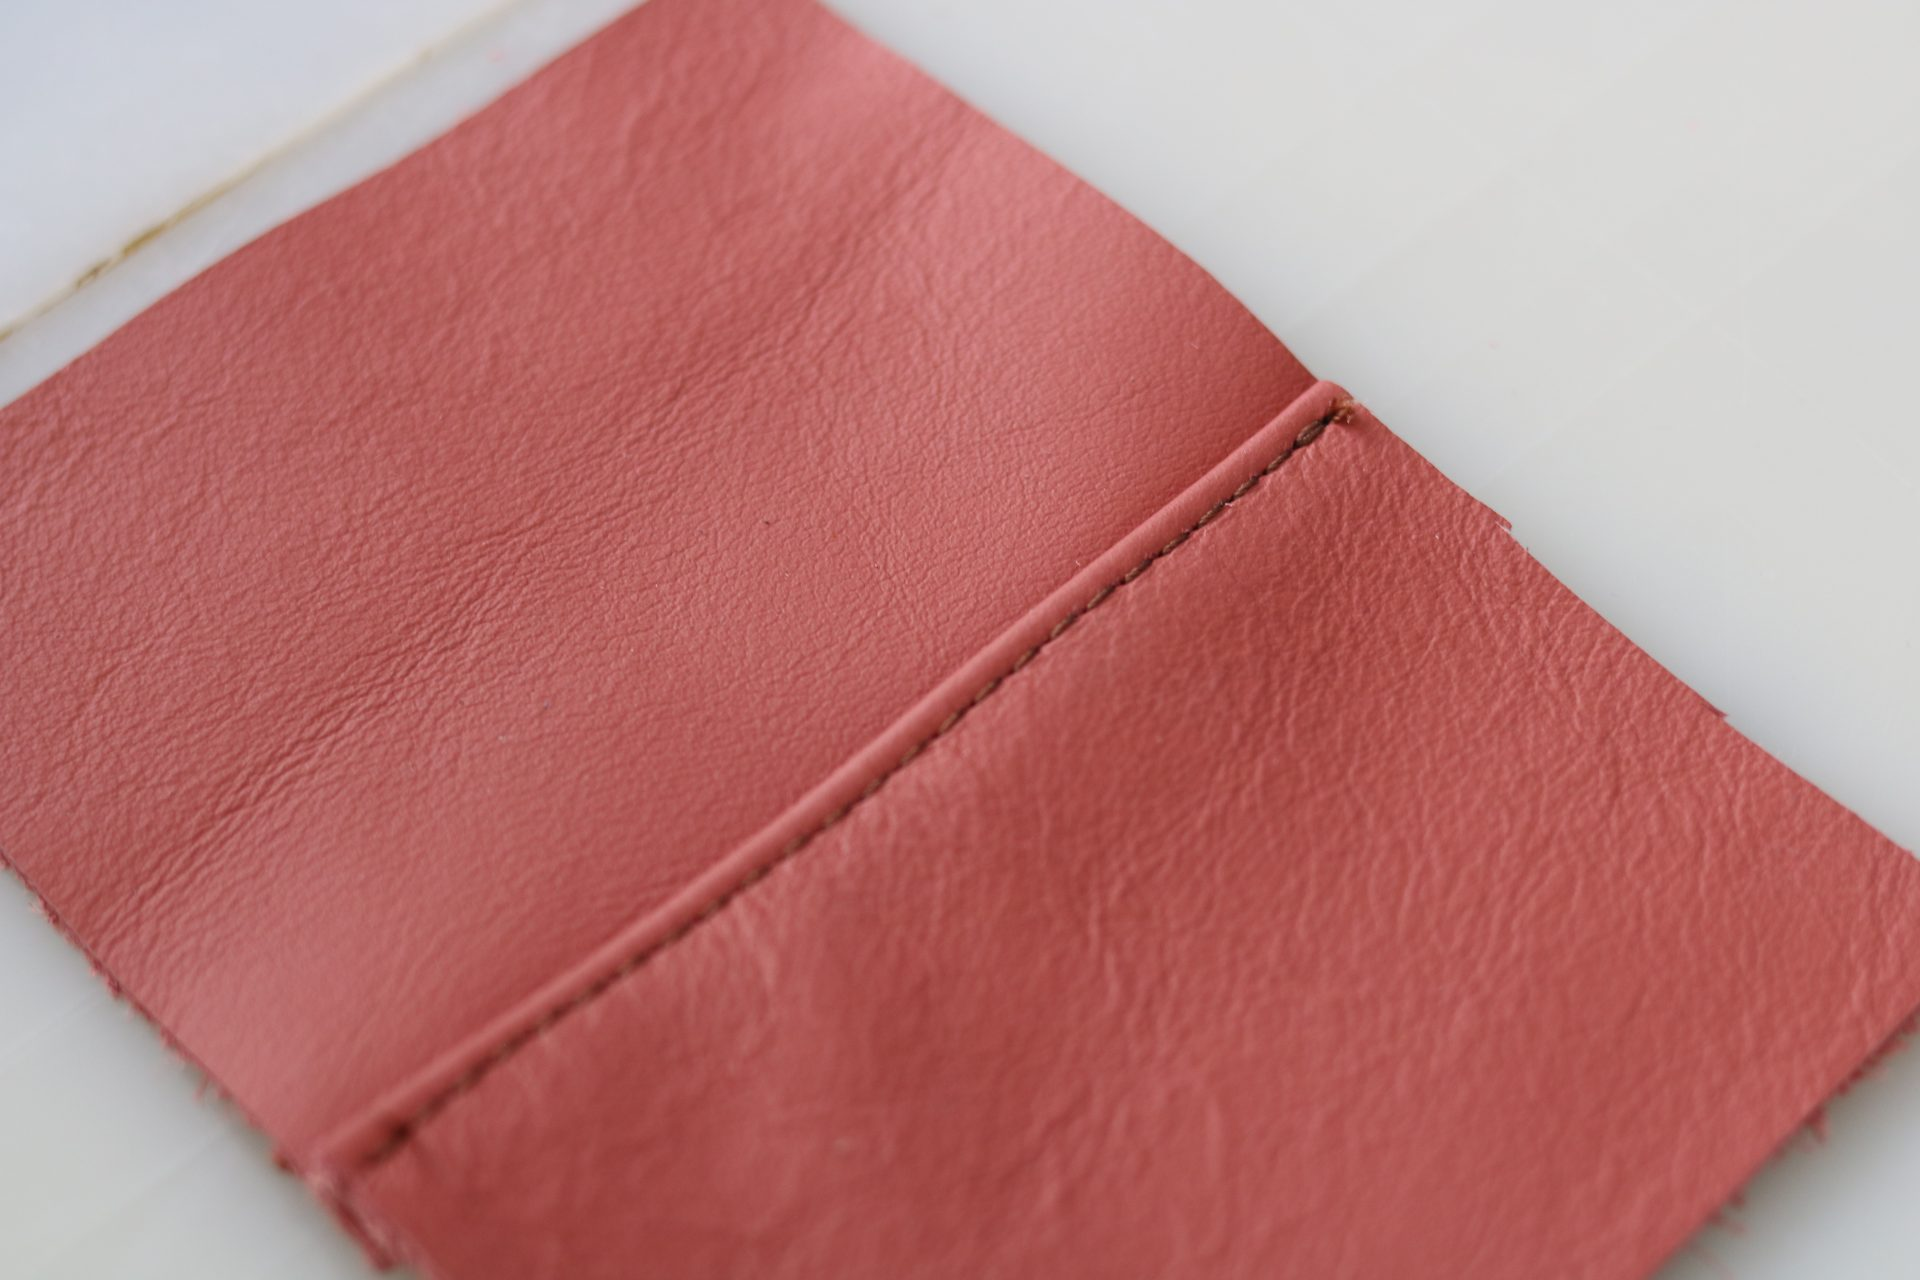 exemple de couture plaquée sur cuir